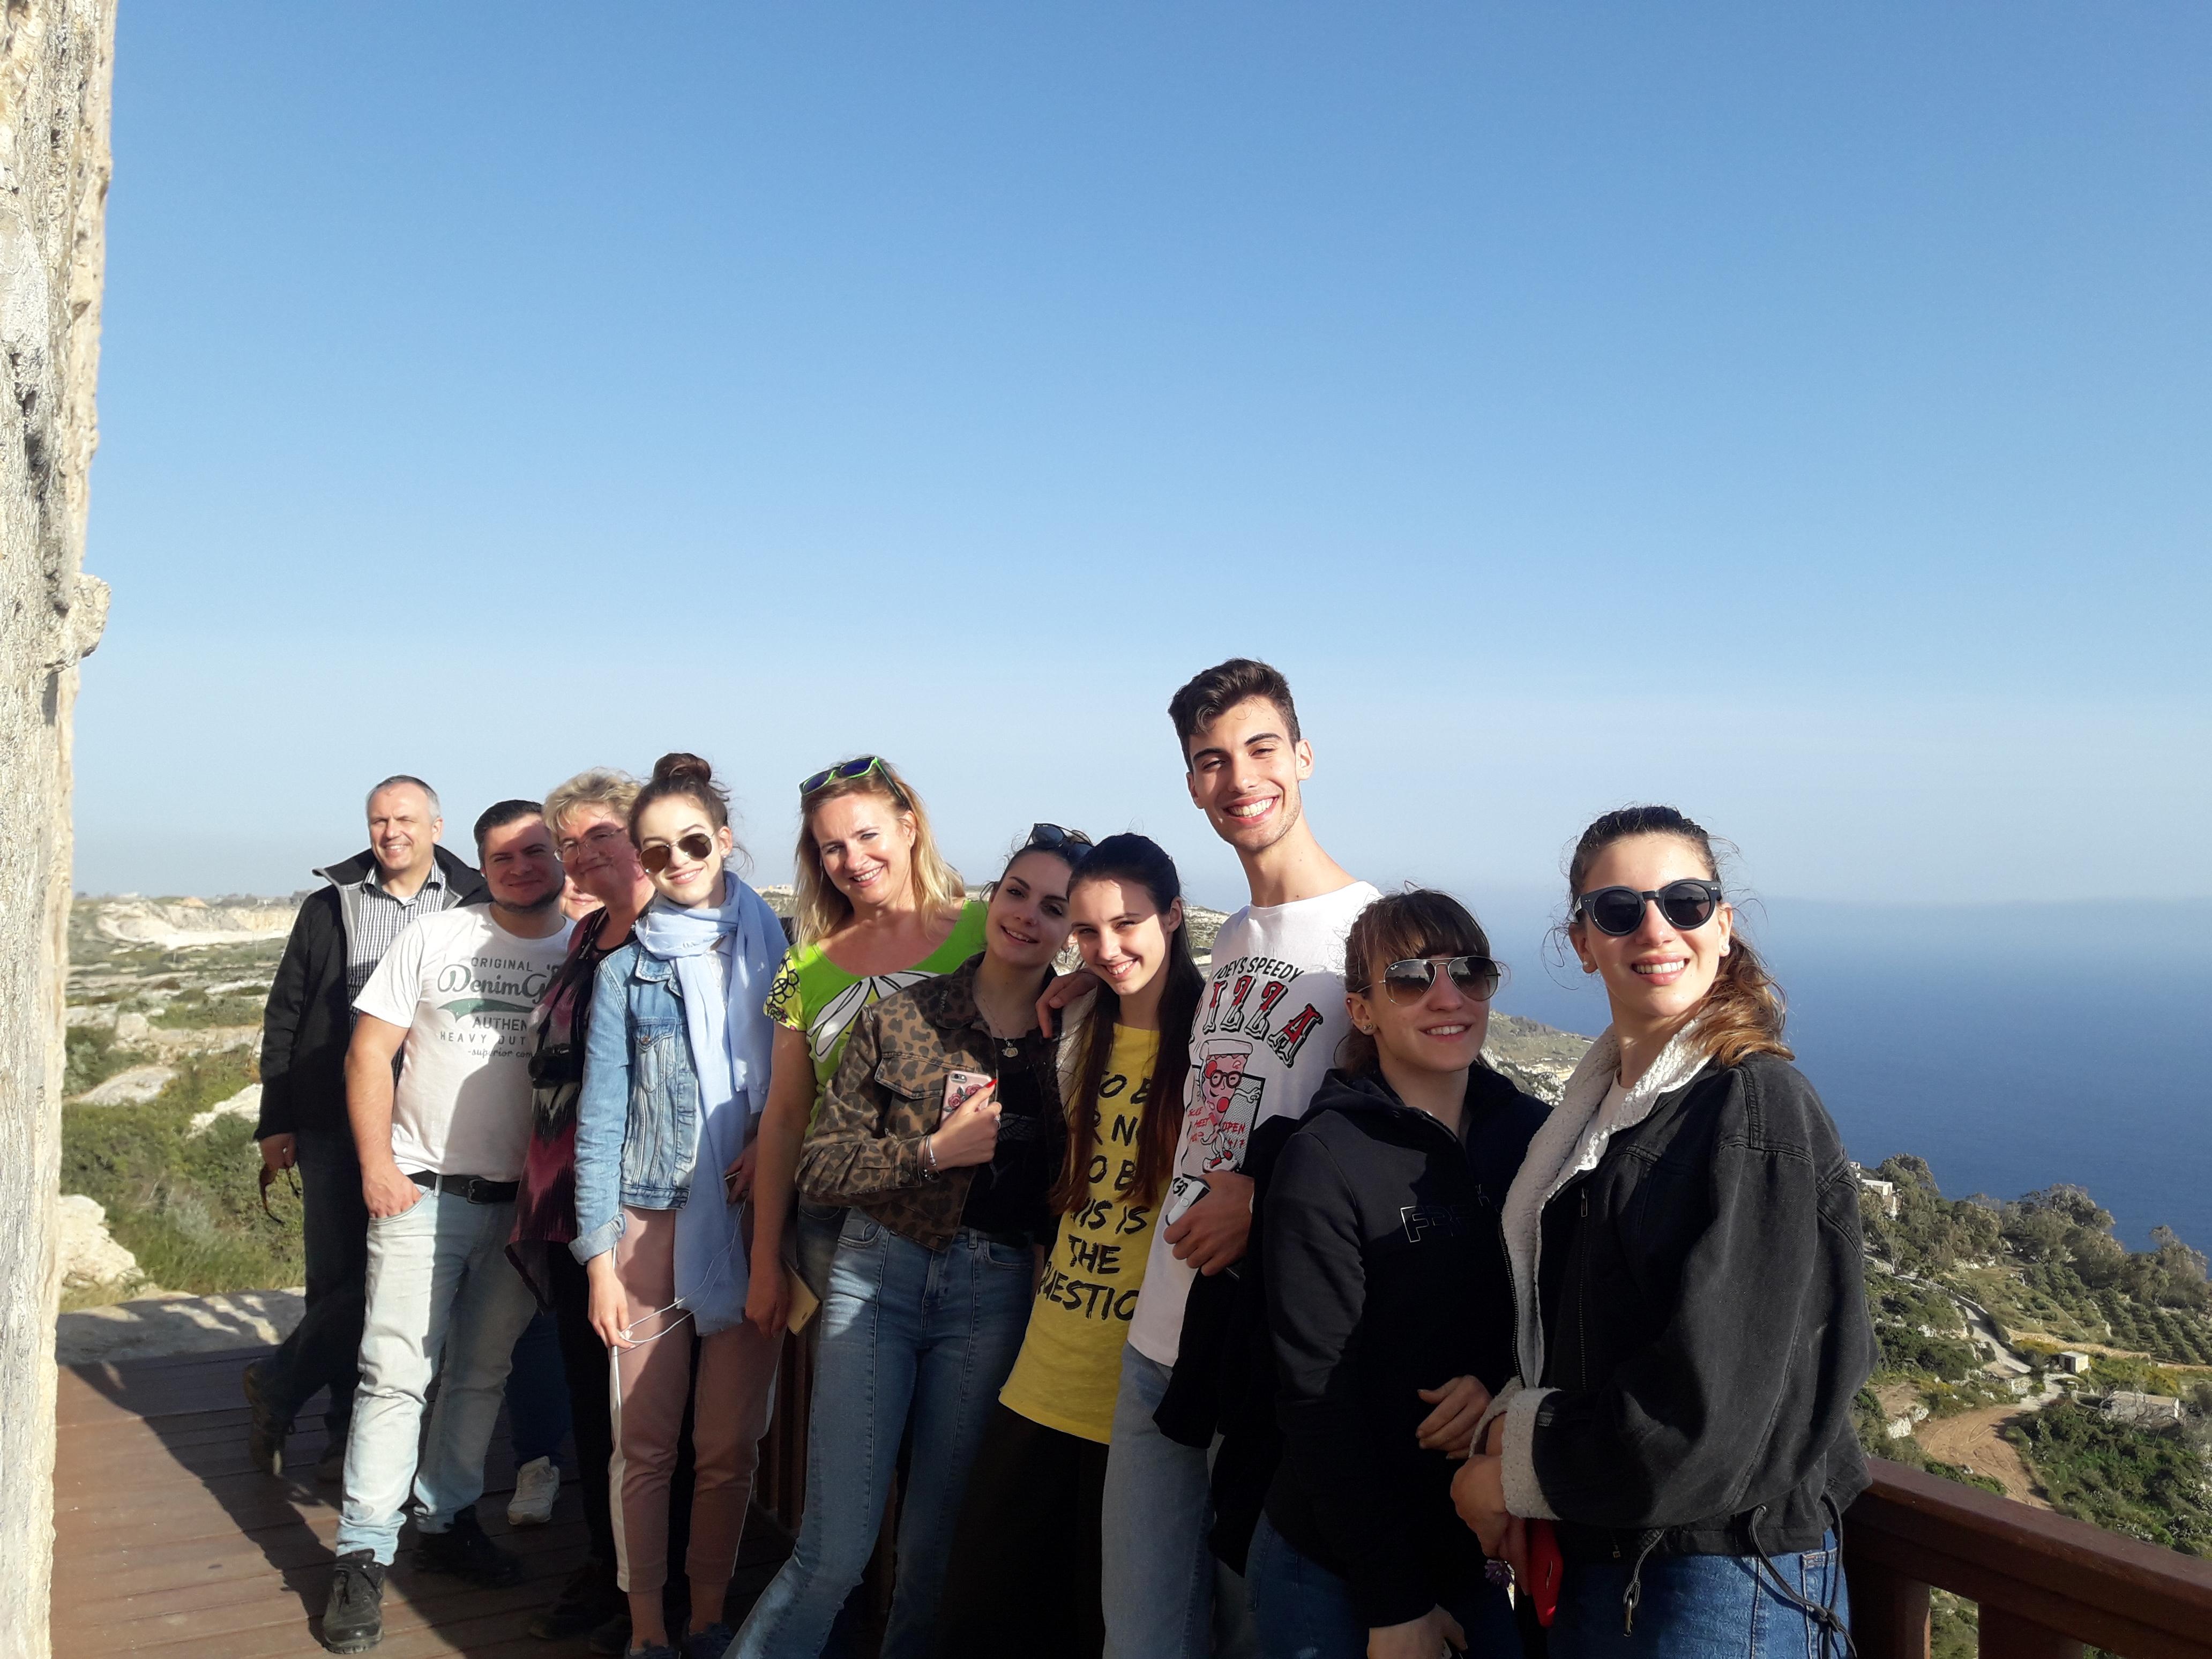 Biznes i ogólny kurs angielskiego tanie ceny i dobra szkoła na Malcie